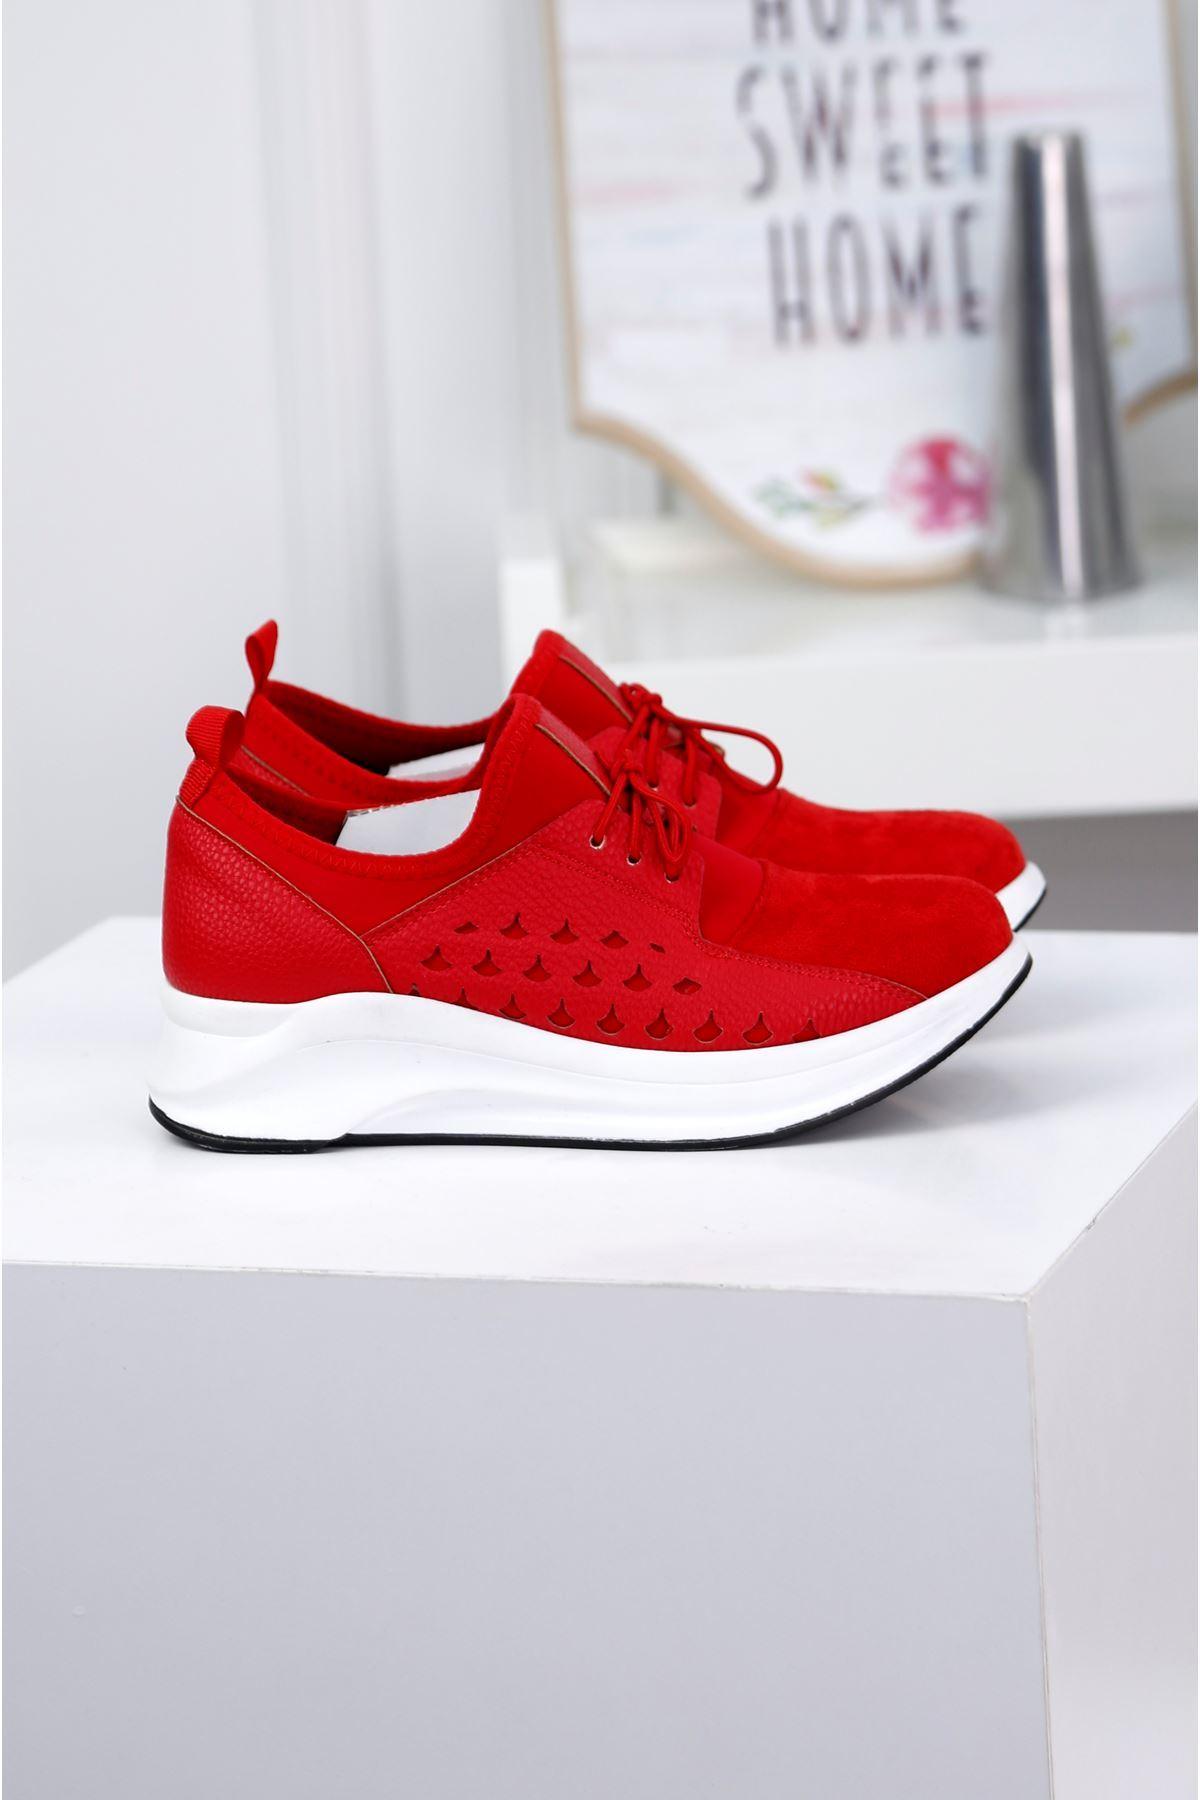 NOBLE Kırmızı Günlük Süet Ayakkabı